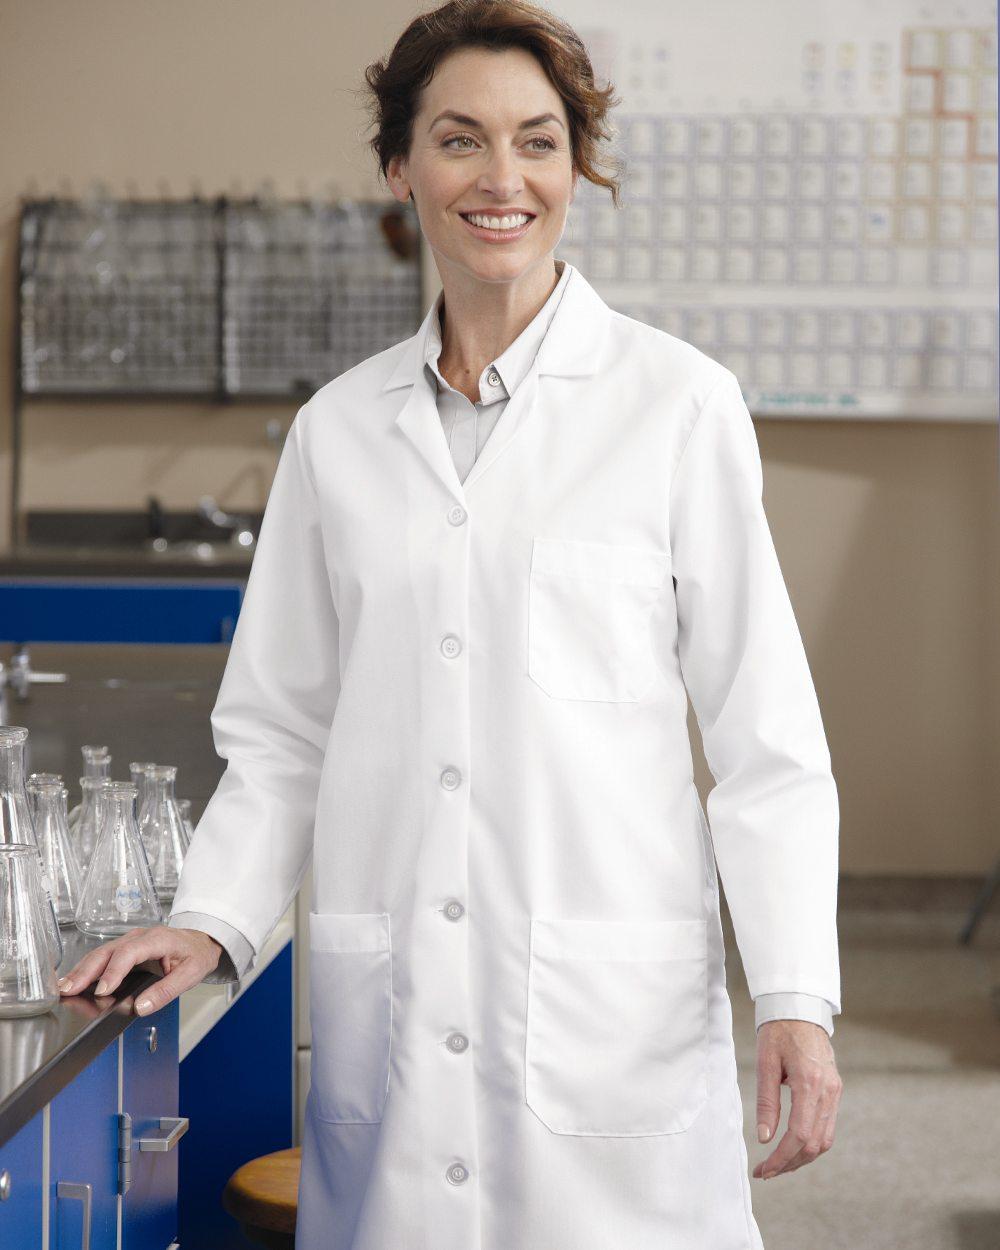 Red Kap Industrial KP13 Ladies' Lab Coat